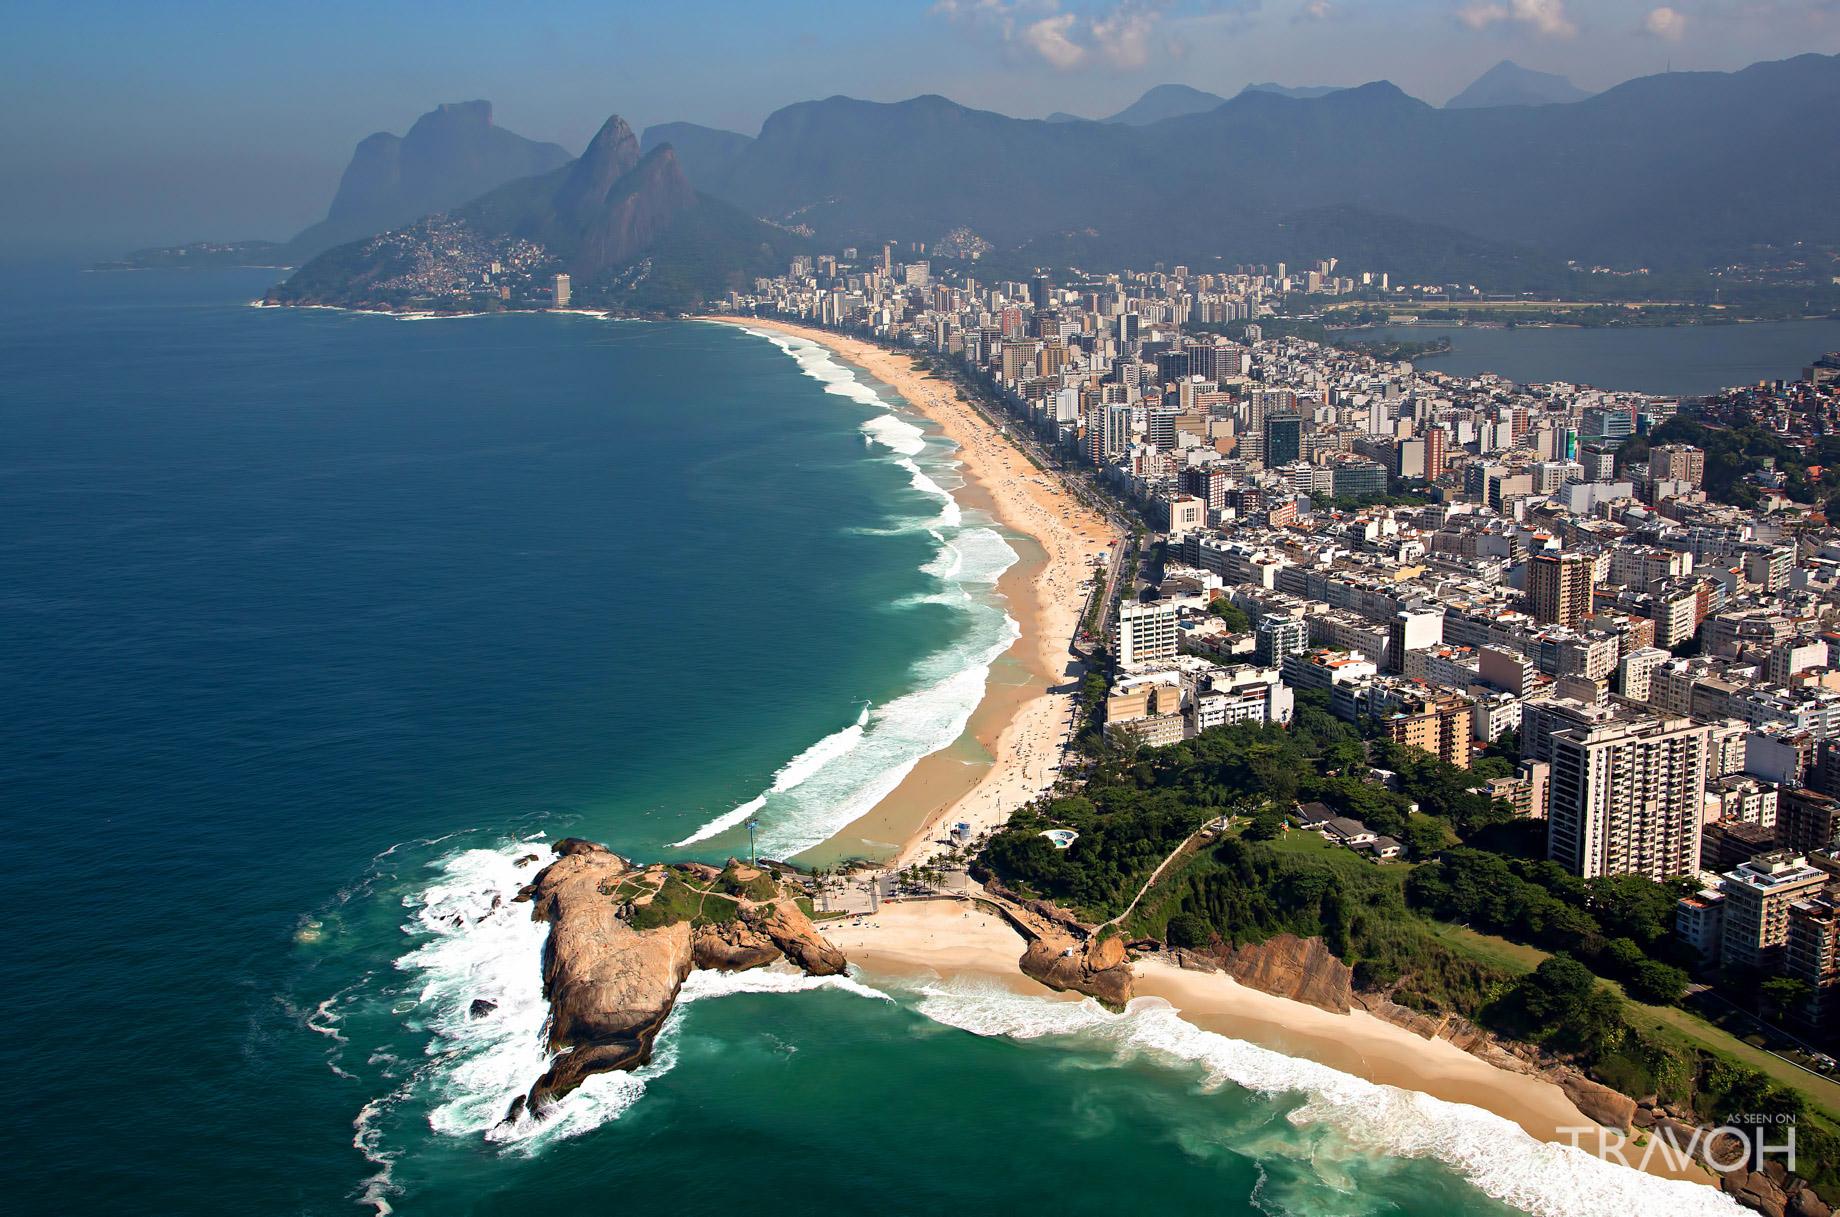 Praia do Diabo Beach - Exploring 10 of the Top Beaches in Rio de Janeiro, Brazil